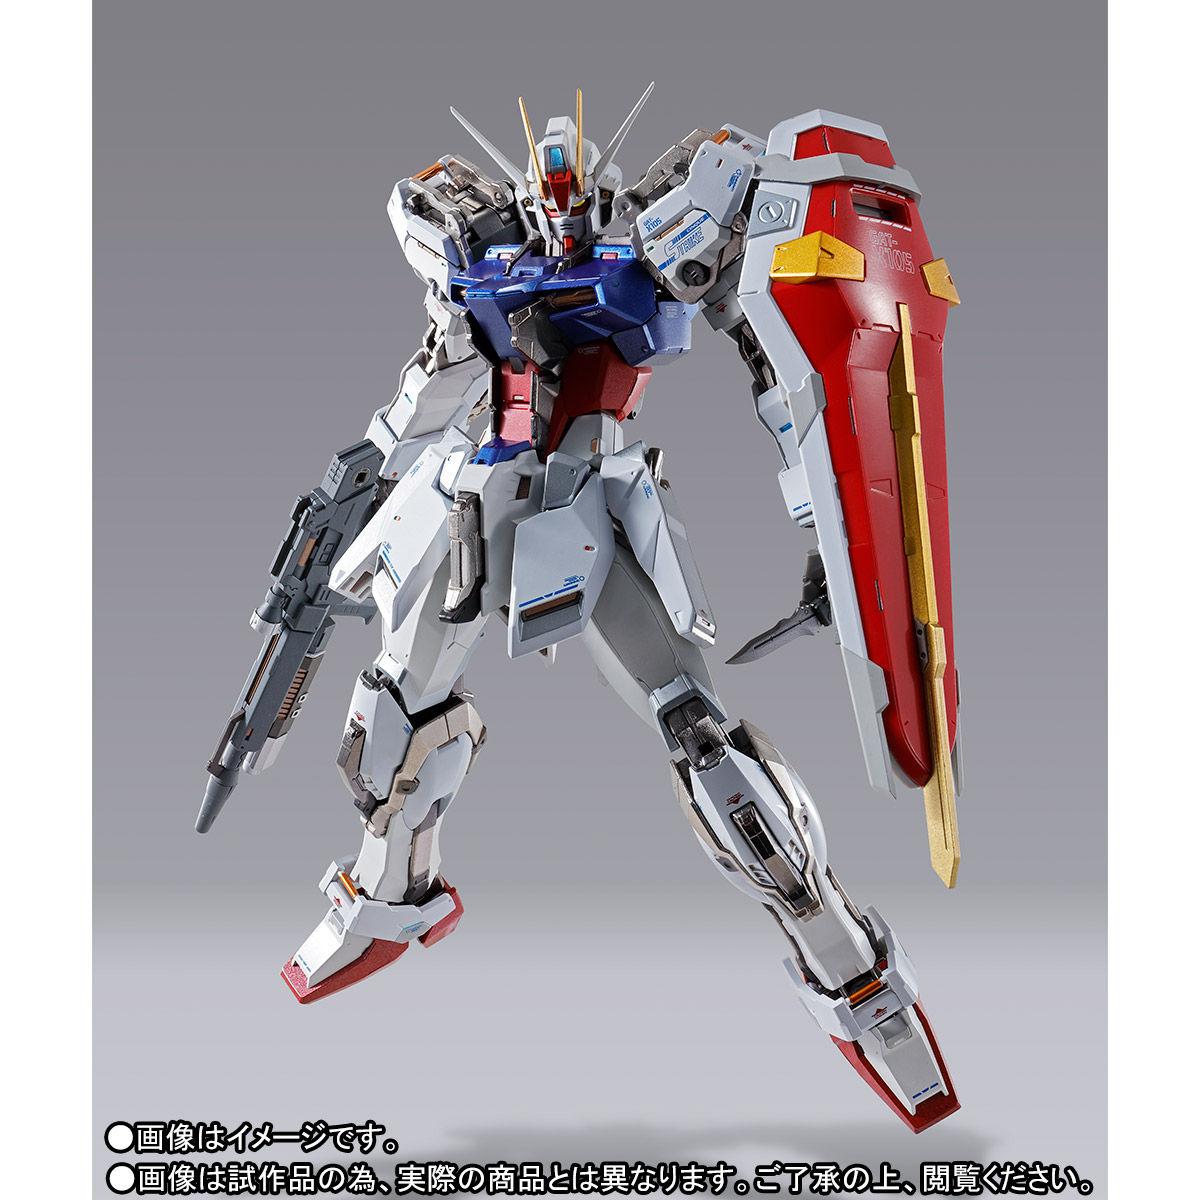 【受注販売】METAL BUILD『ストライクガンダム』機動戦士ガンダムSEED 可動フィギュア-004